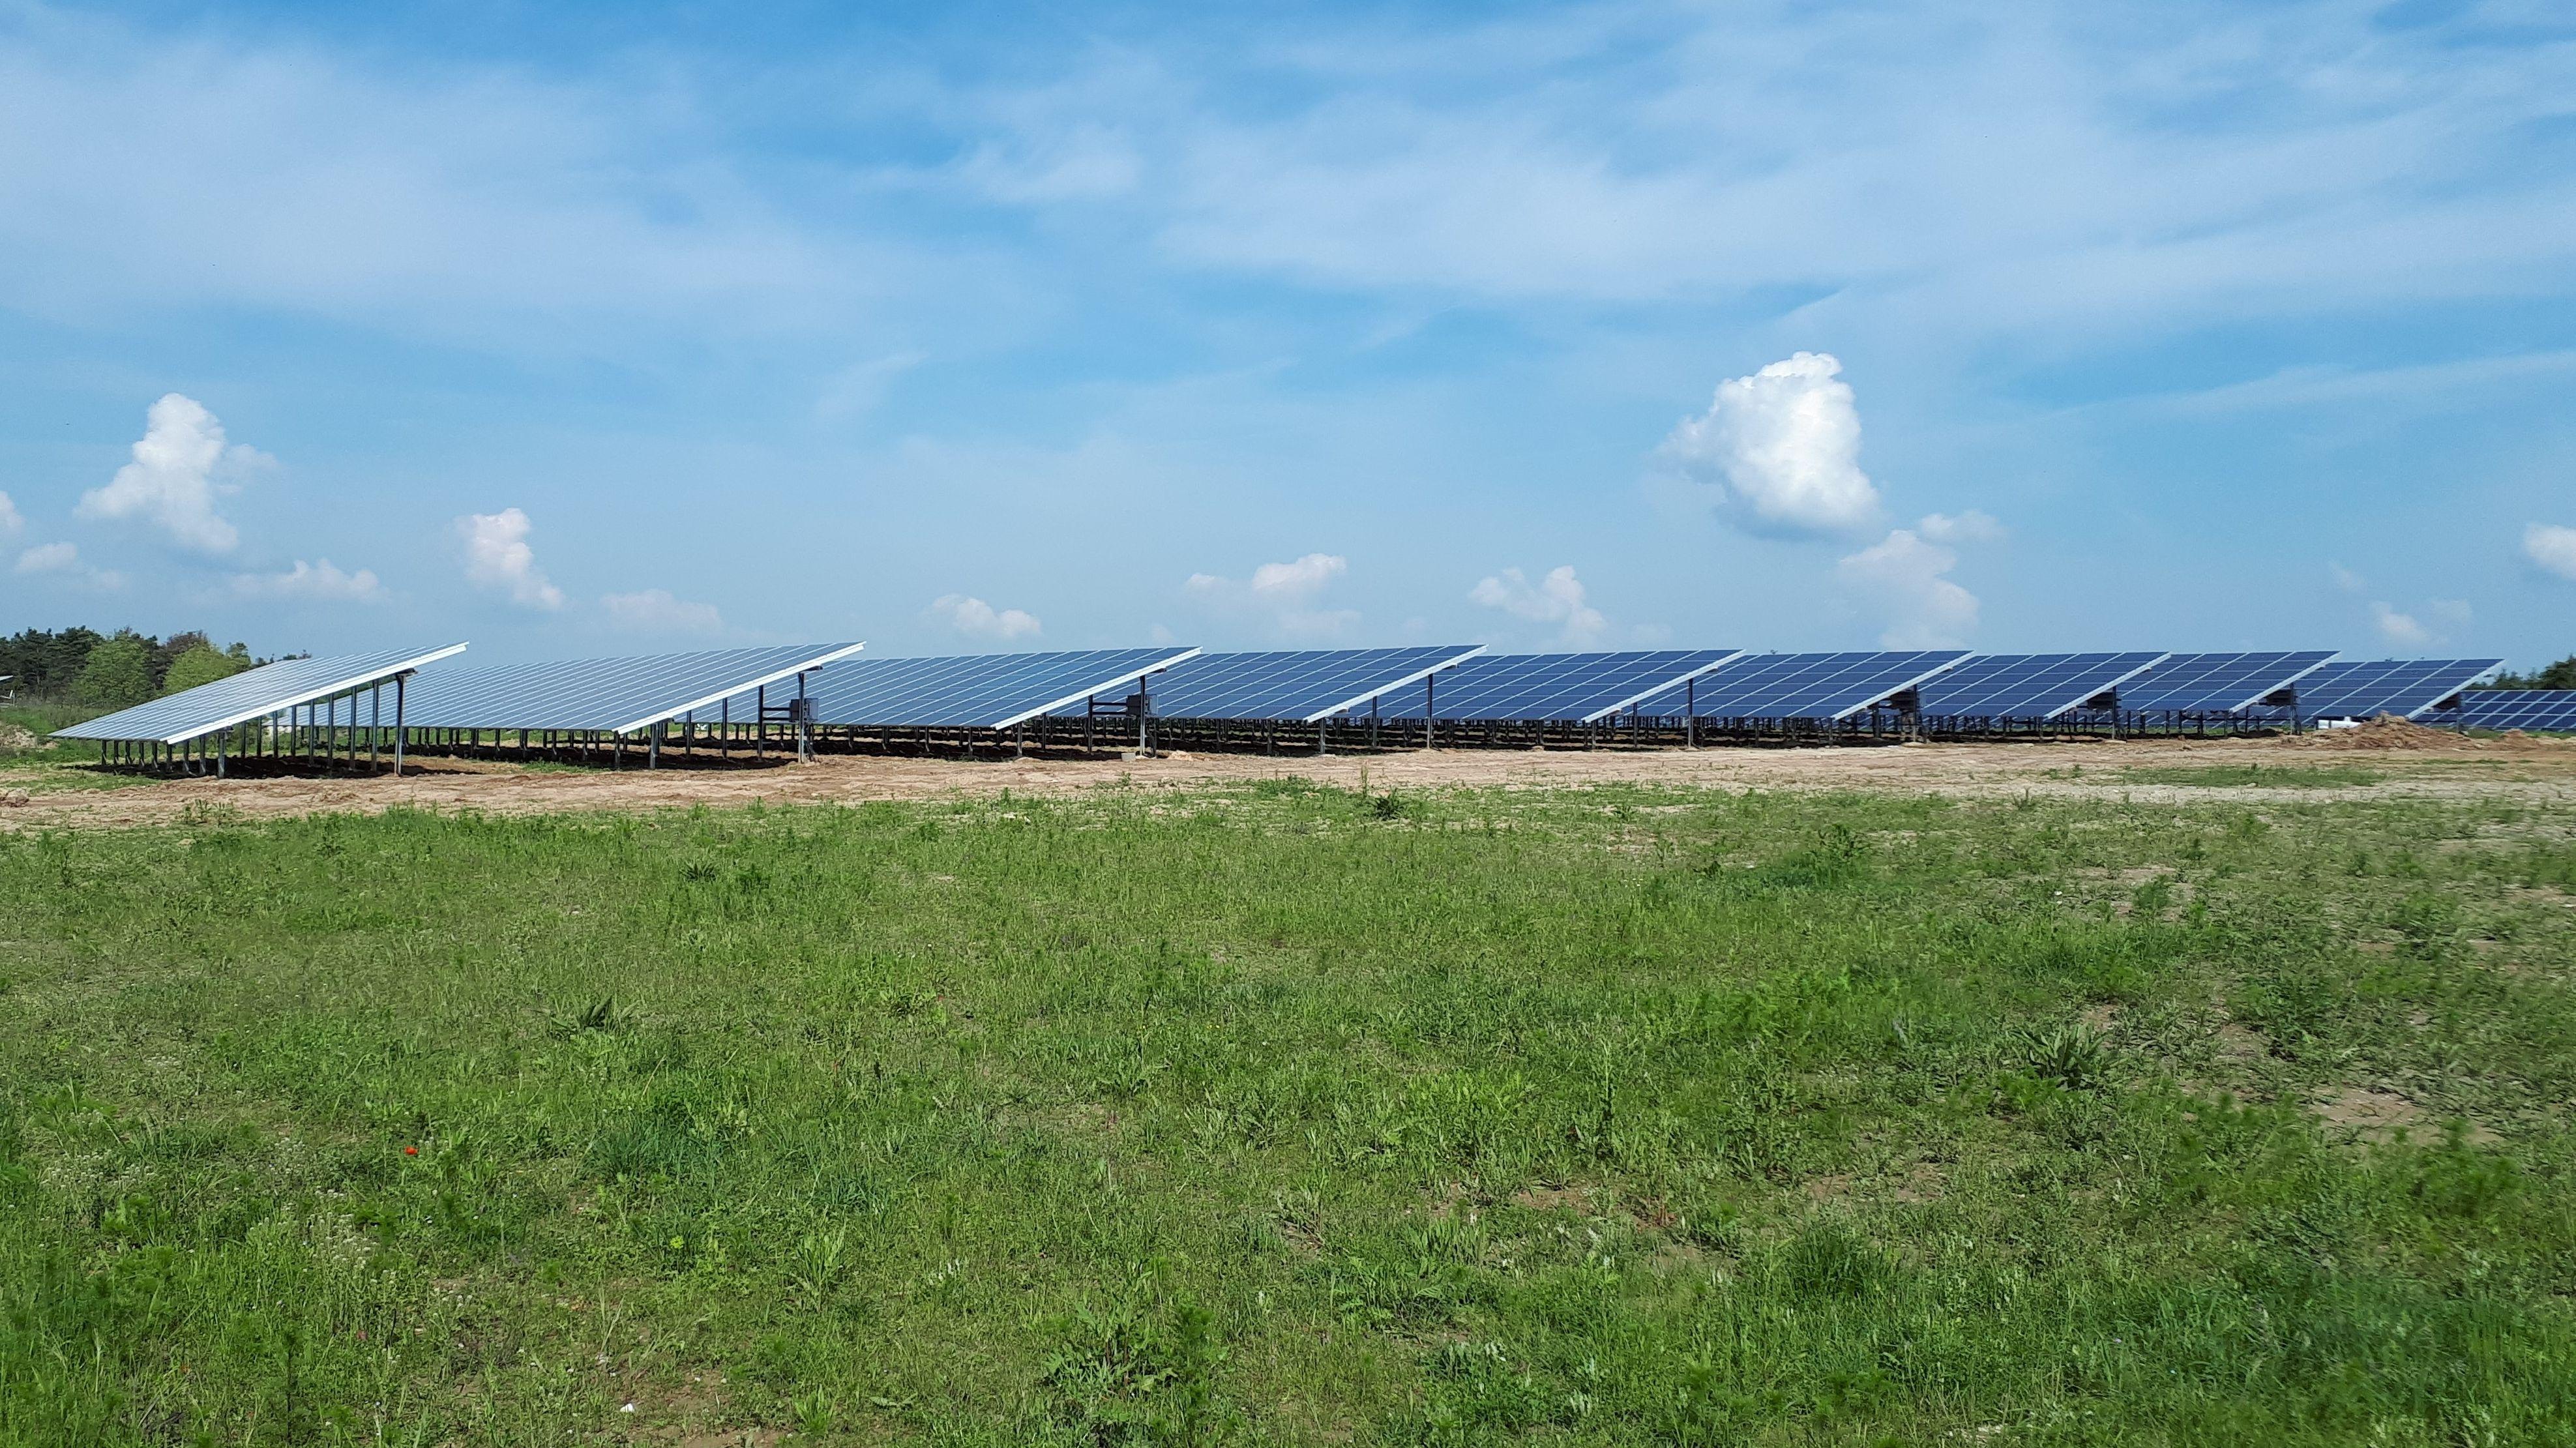 Erweiterung des Solarparks in Uttenreuth